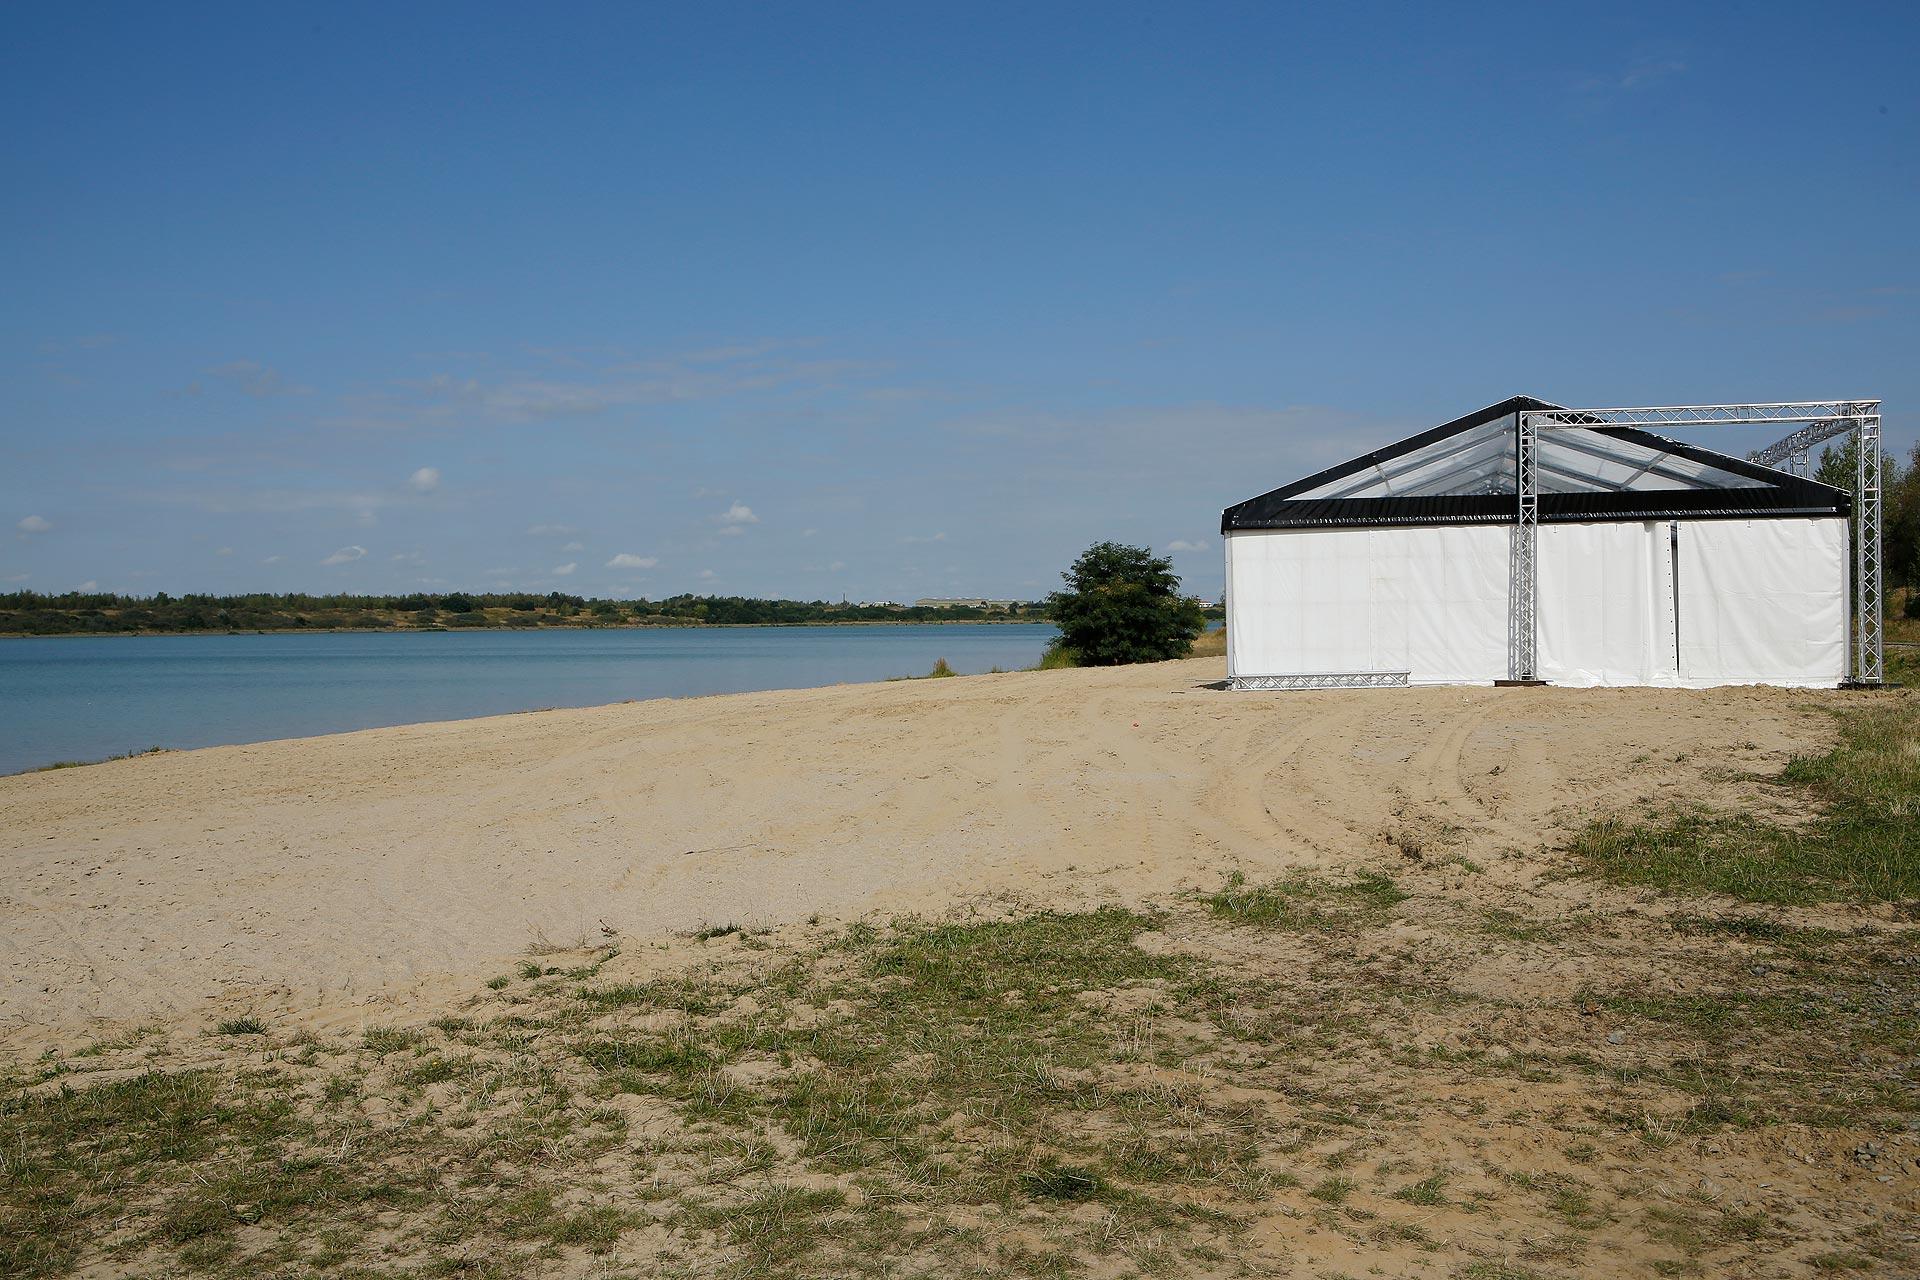 Noch ist es ruhig am Strand. Doch in wenigen Tagen liegen hier die Badegäste dicht an dicht.